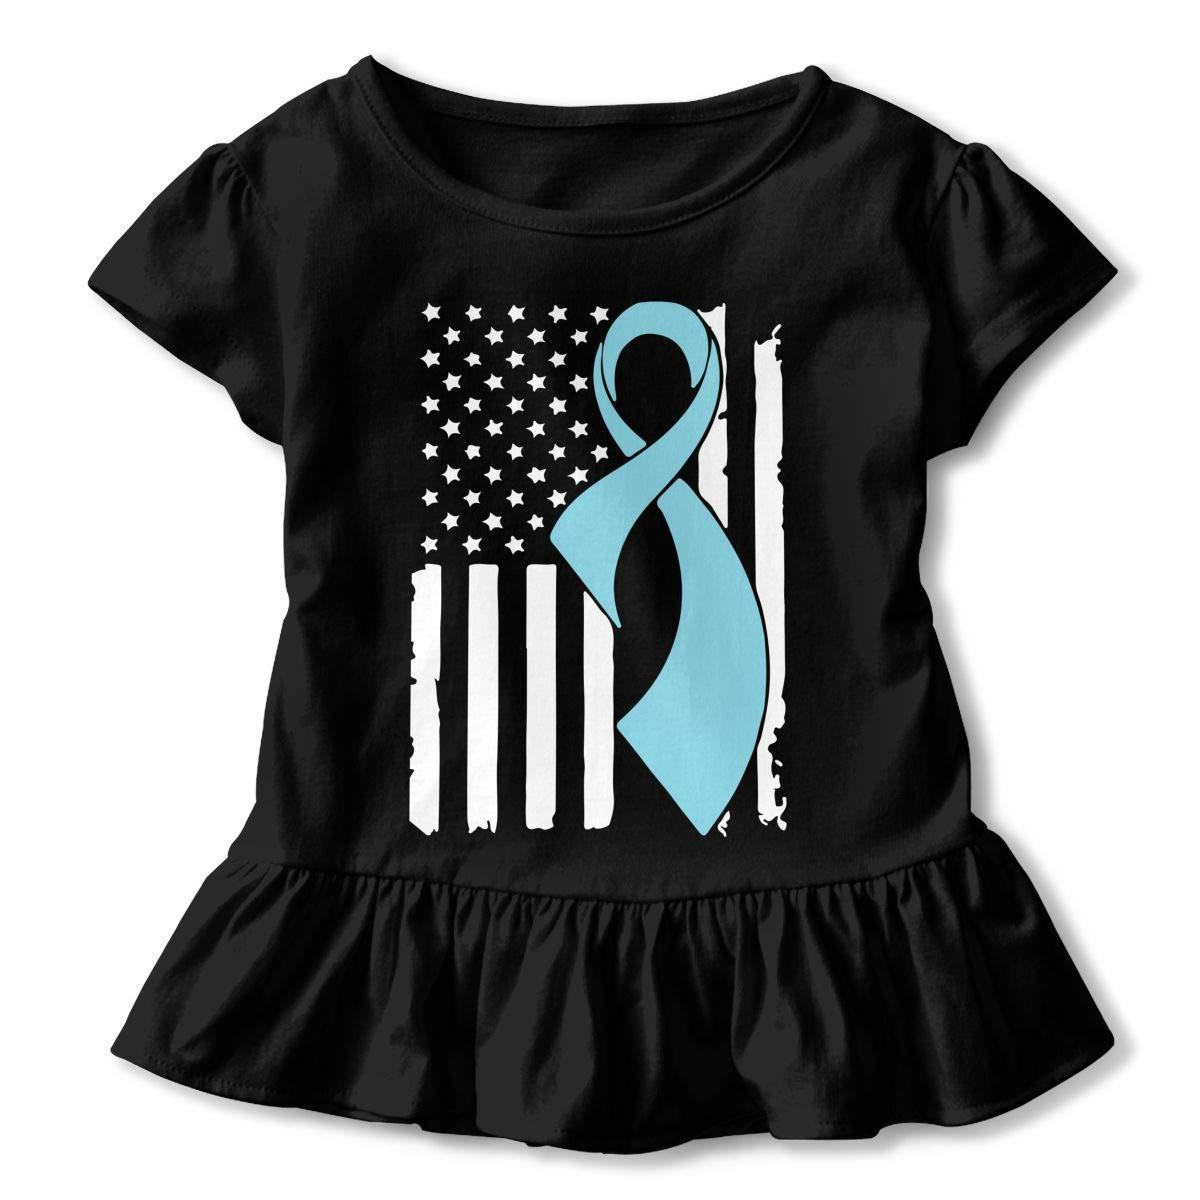 SHIRT1-KIDS Prostate Cancer Awareness Flag-1 Childrens Girls Short Sleeve T-Shirts Ruffles Shirt Tee Jersey for 2-6T